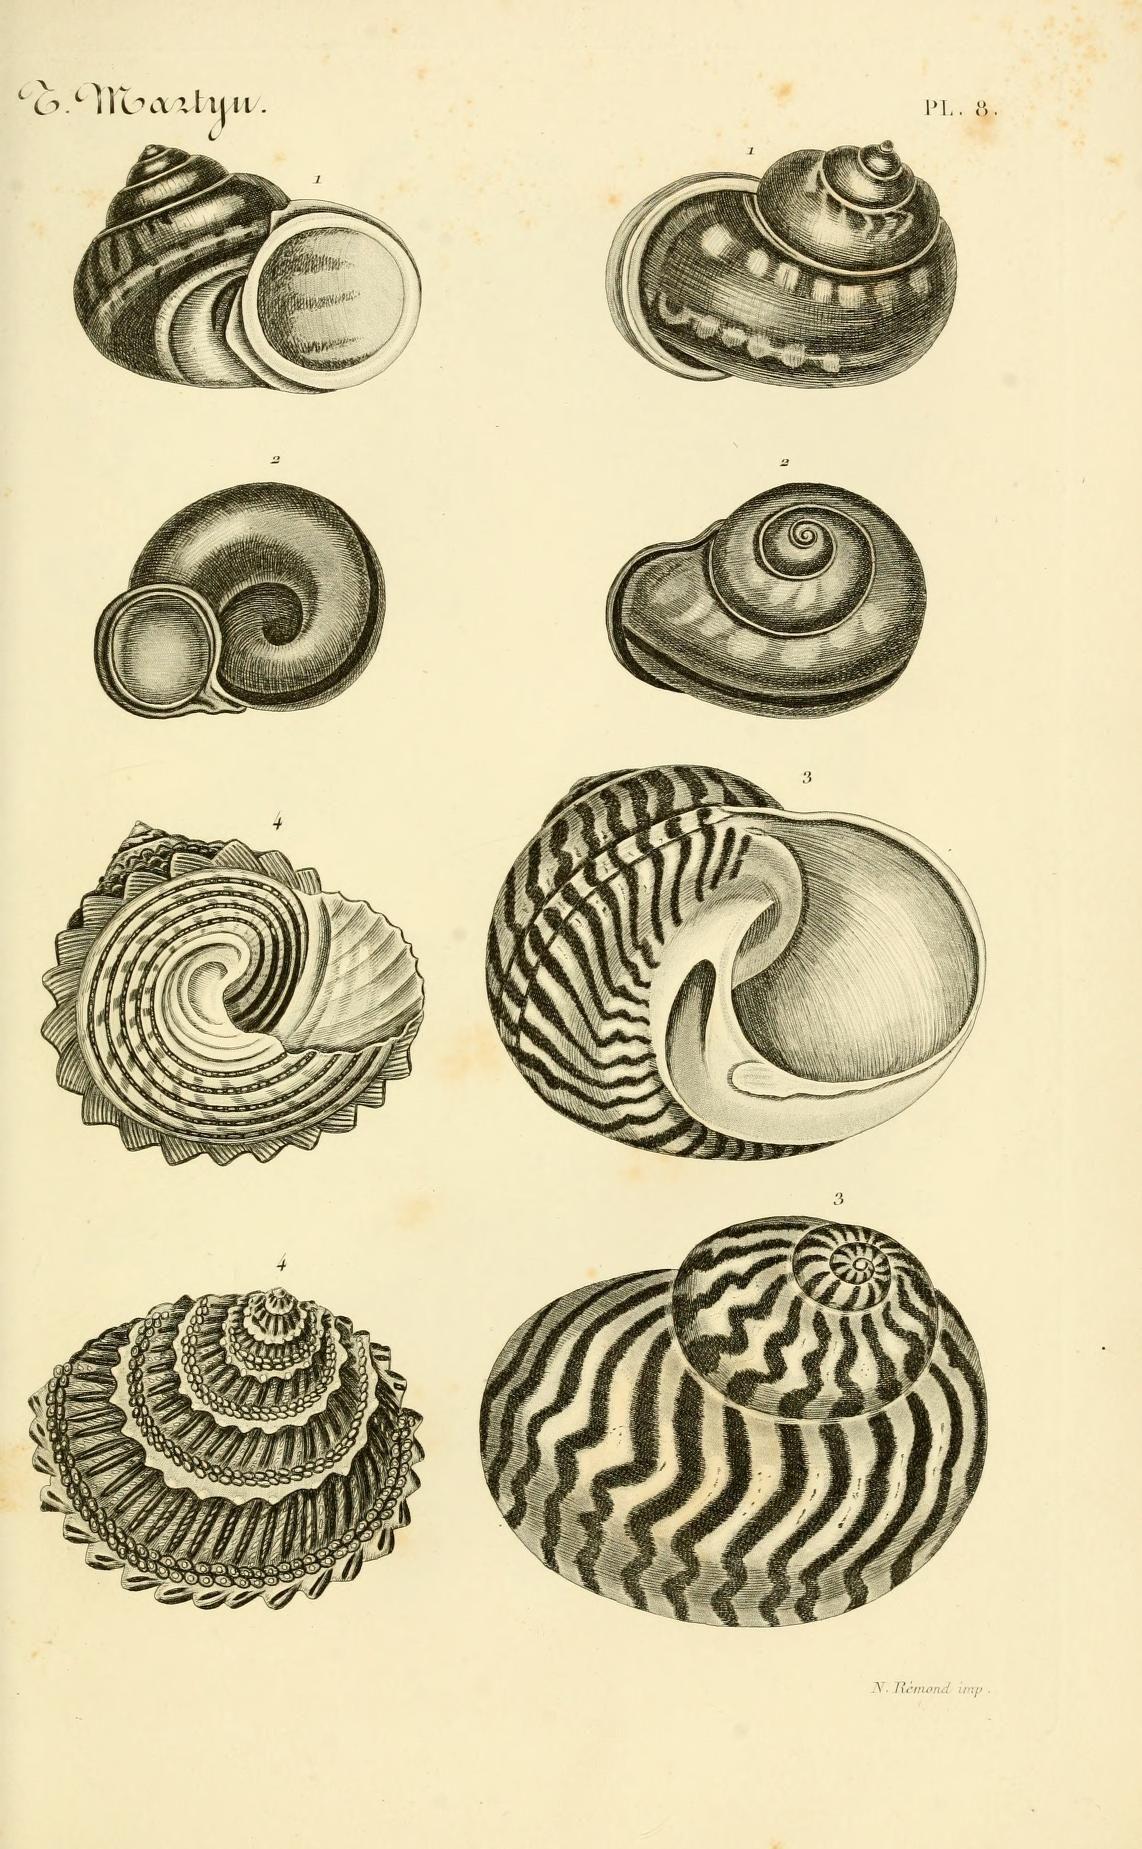 Le Conchyliologiste Universel Ou Figures Des Coquilles Jusqu A Present Inconnues Recueillies En Divers Voyages A La Coquillage Dessin Art Coquillage Coquille